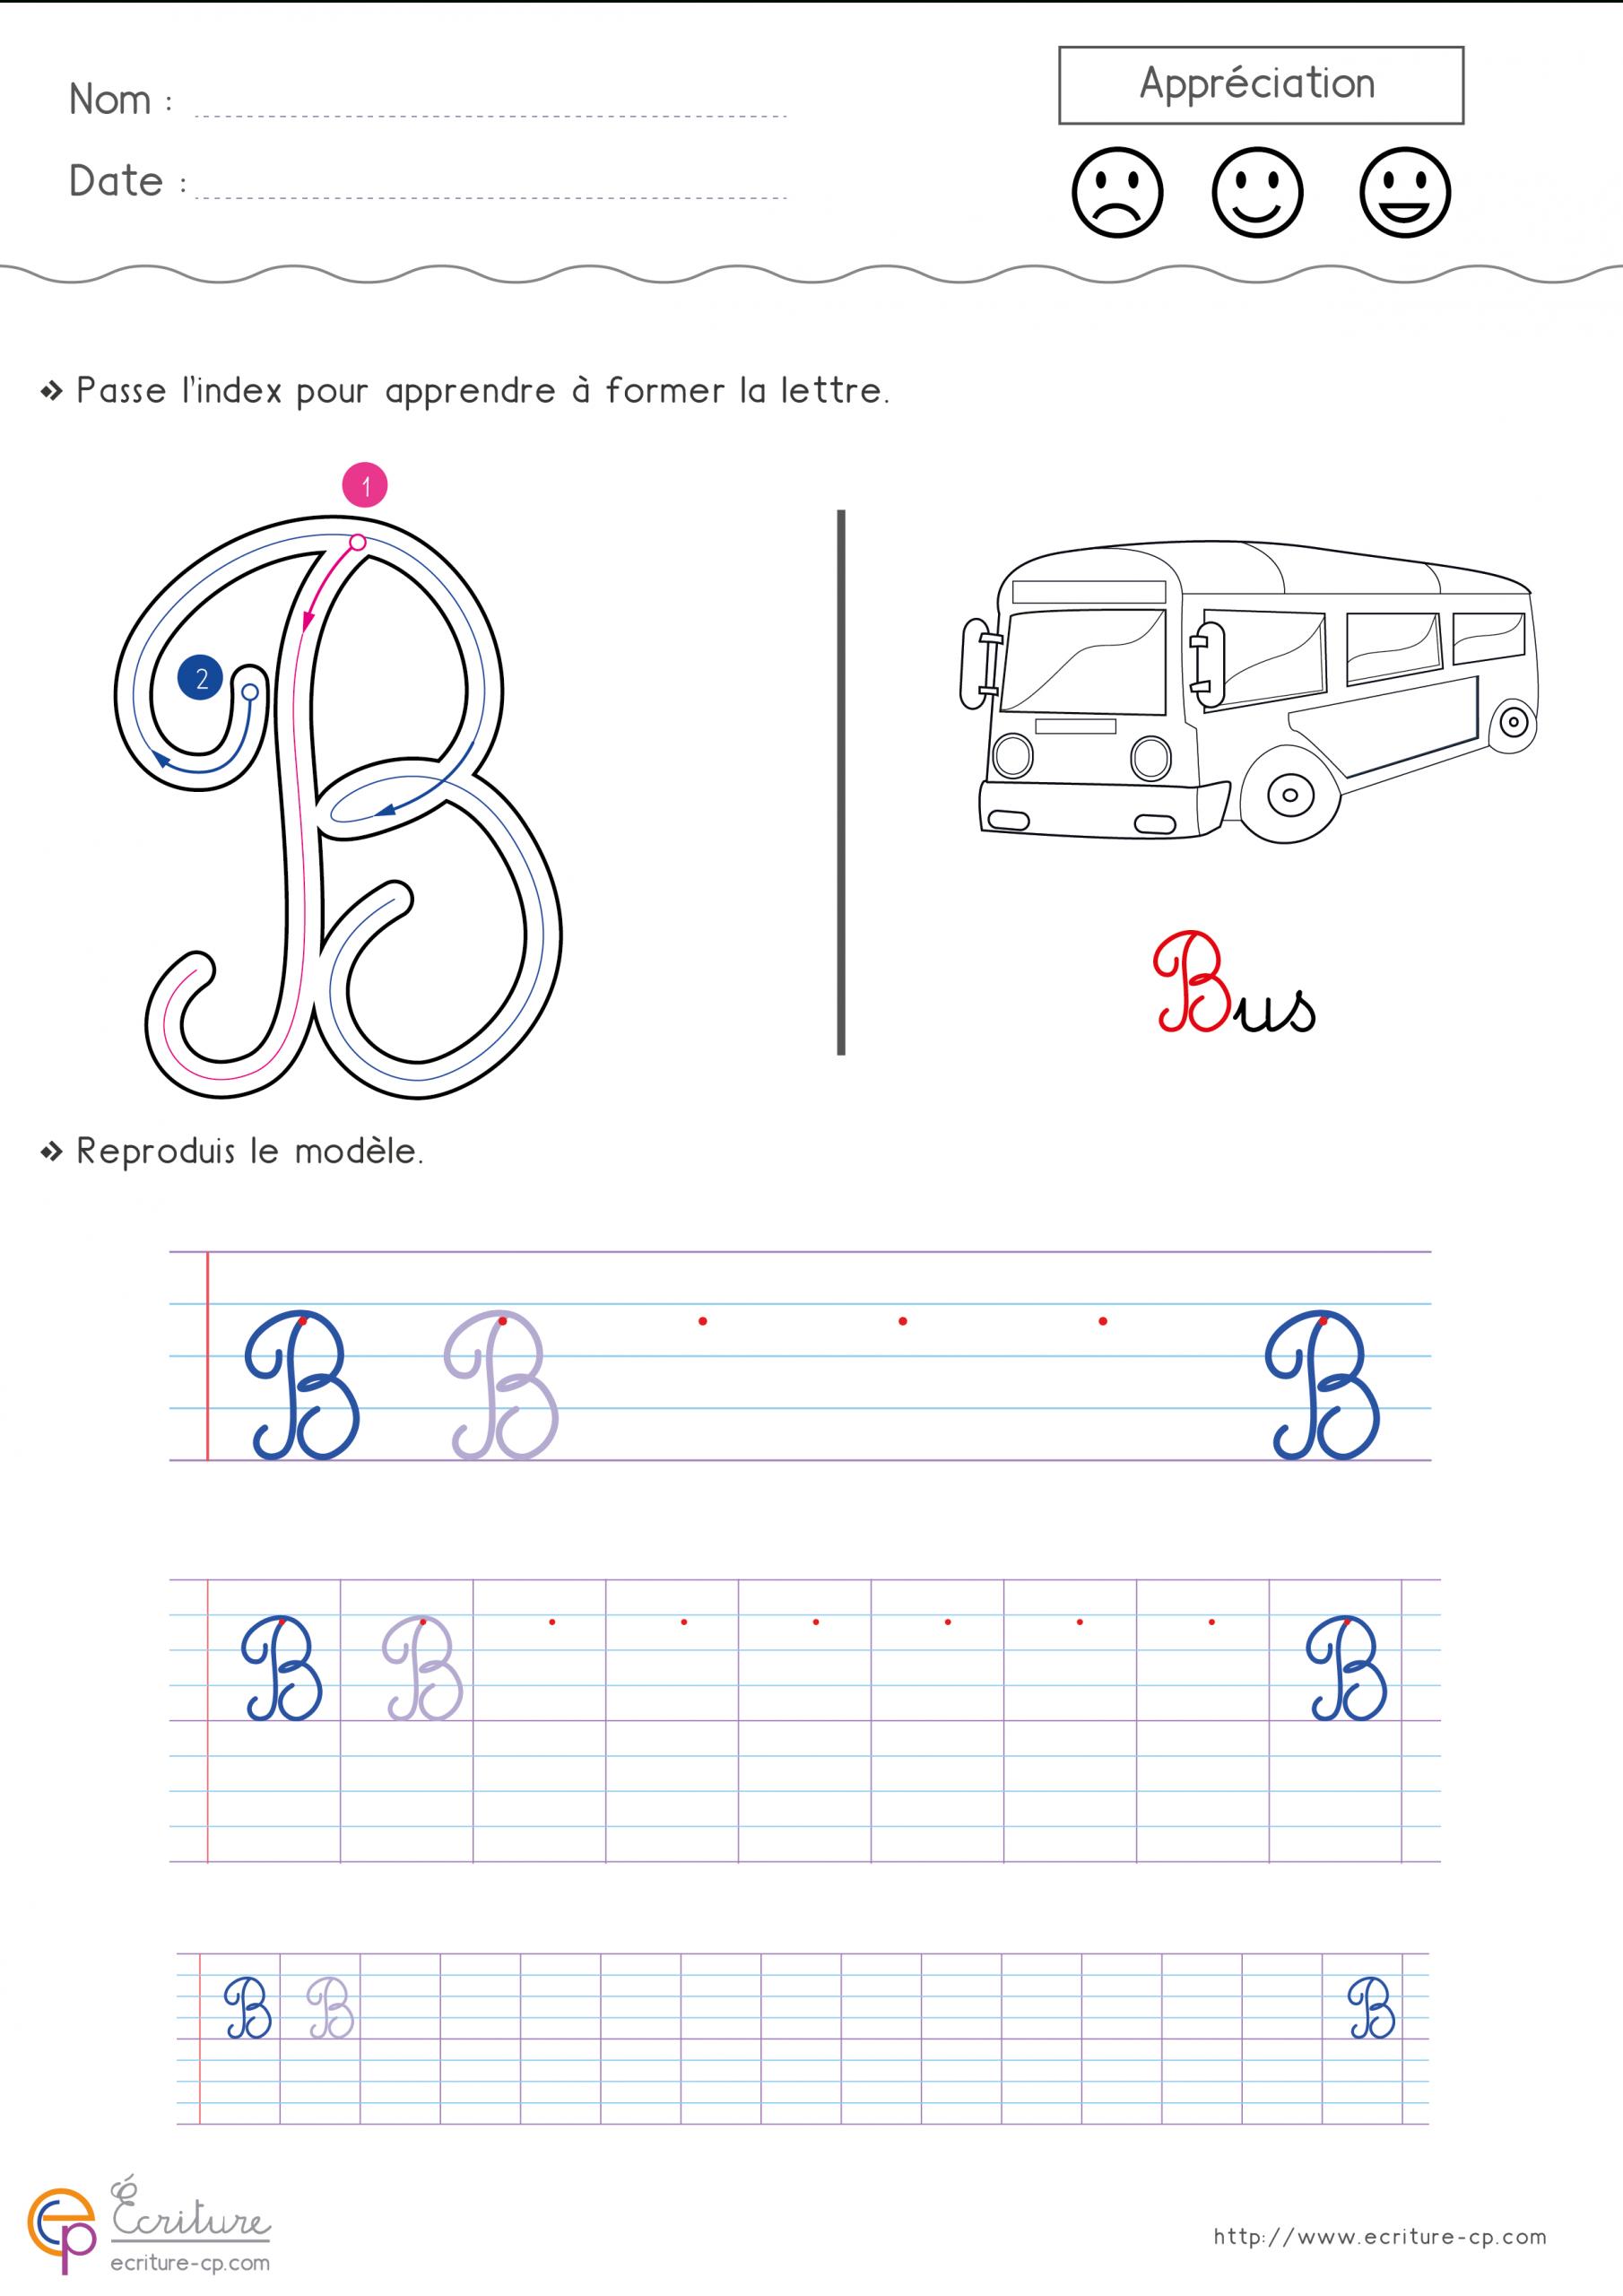 Apprendre À Écrire La Lettre B En Minuscule Et En Majuscule pour Apprendre À Écrire Les Lettres Maternelle